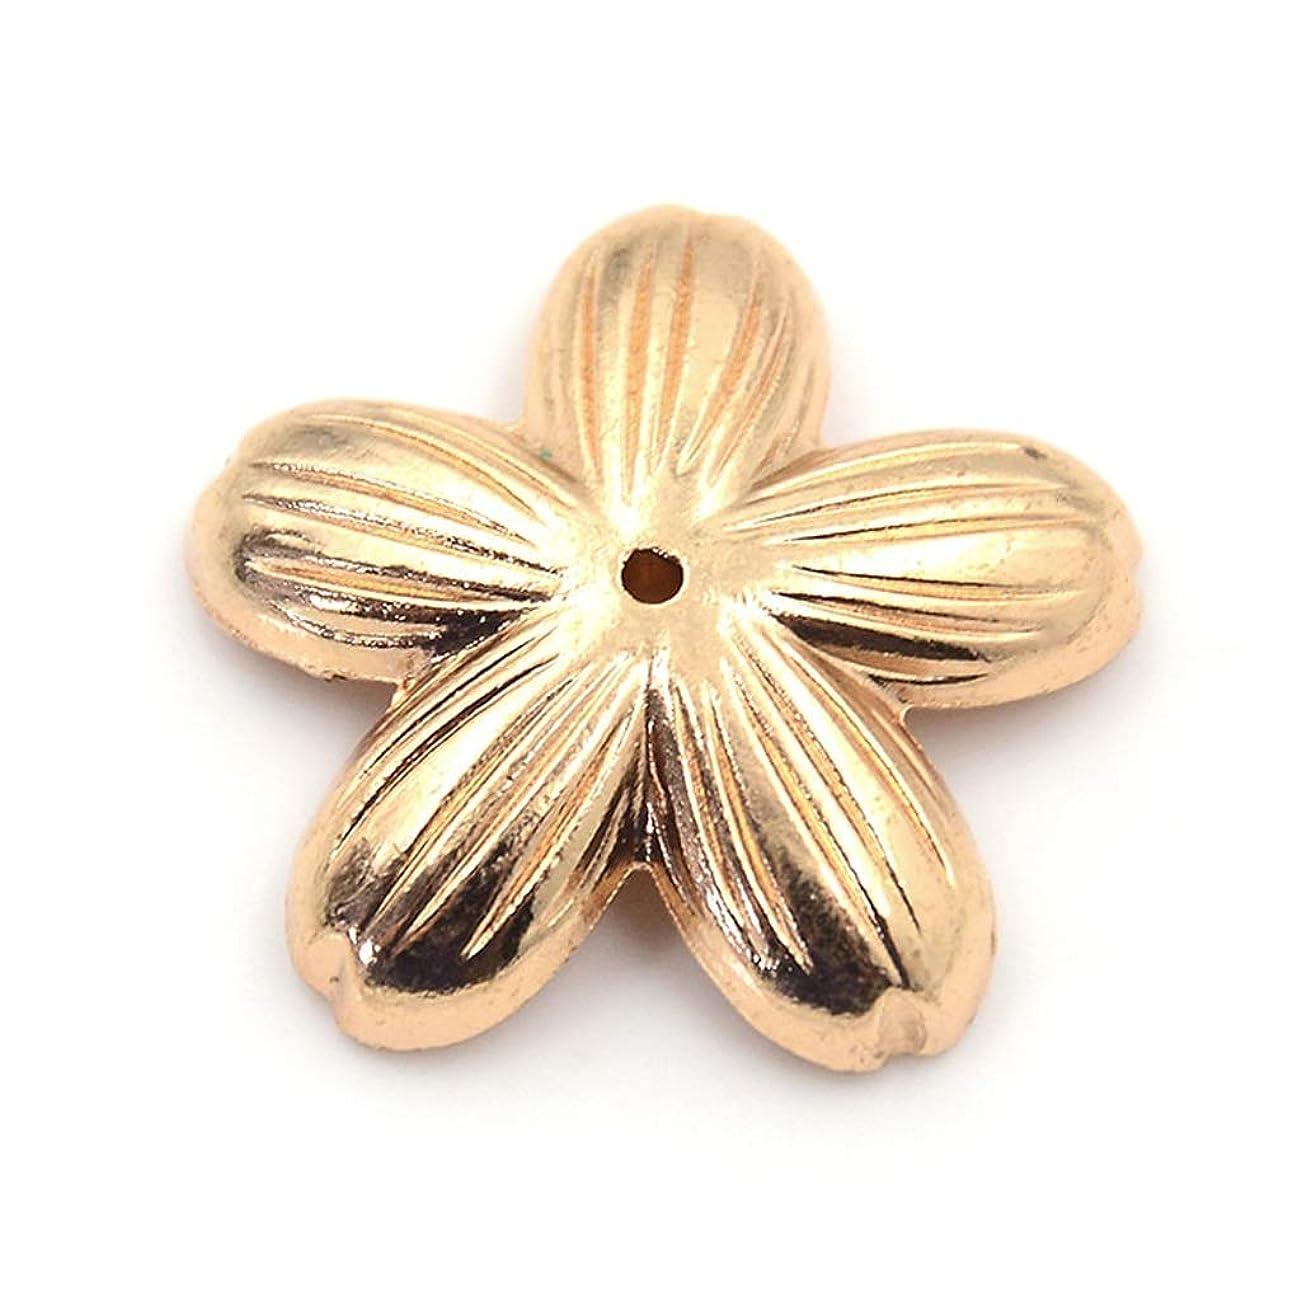 貝殻結婚式一回ホームアロマバーナー 花香バーナーホルダー香スティックホルダー灰キャッチャー香ホルダー用ホームデコレーション 芳香器アロマバーナー (Color : Gold)